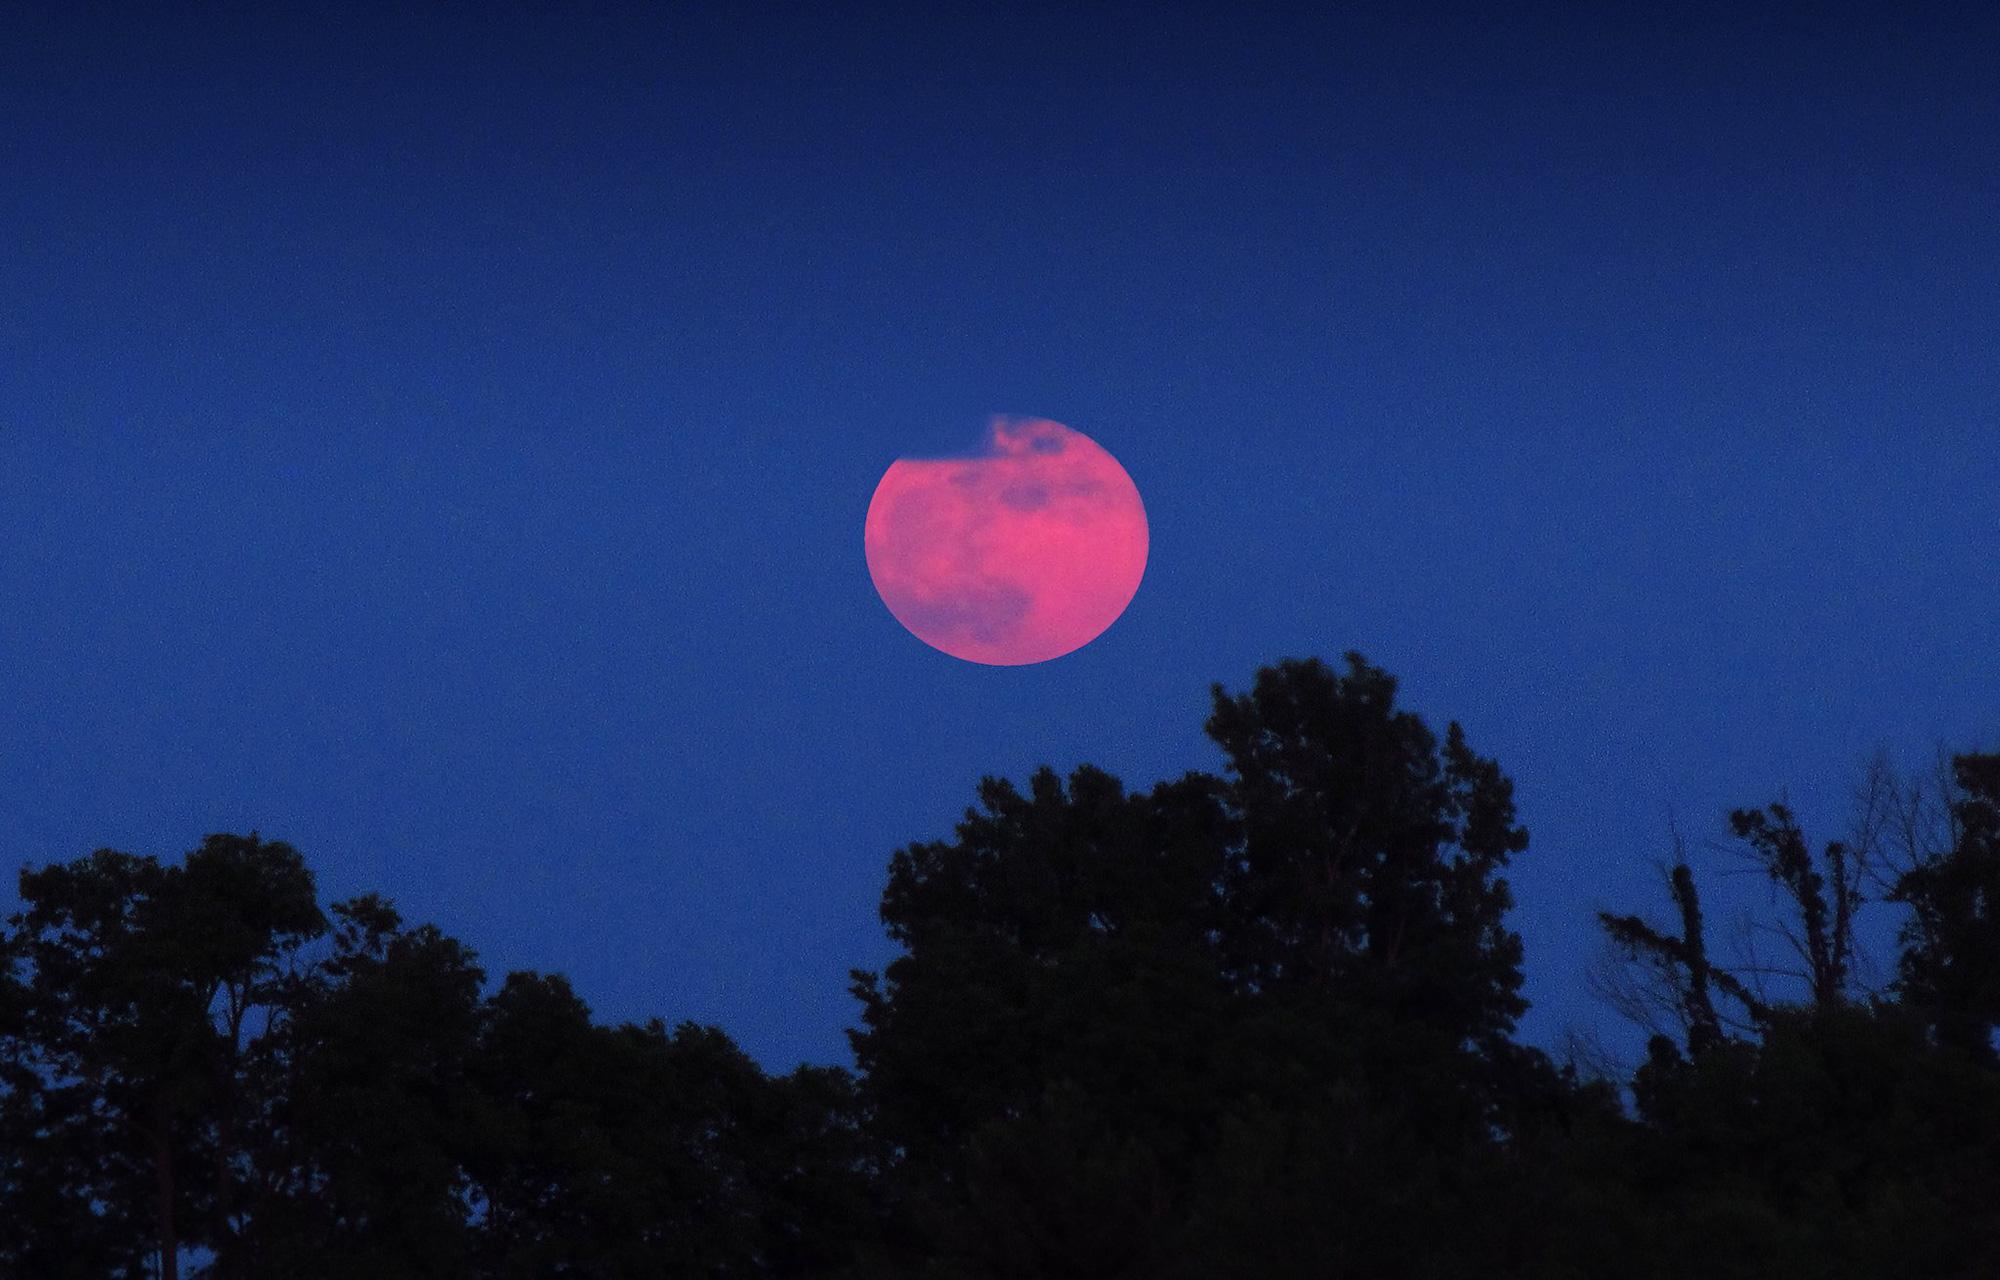 Ngất ngây với một loạt khoảnh khắc về hiện tượng mặt trăng dâu tây hiếm có diễn ra vào đêm qua, rạng sáng nay - Ảnh 6.